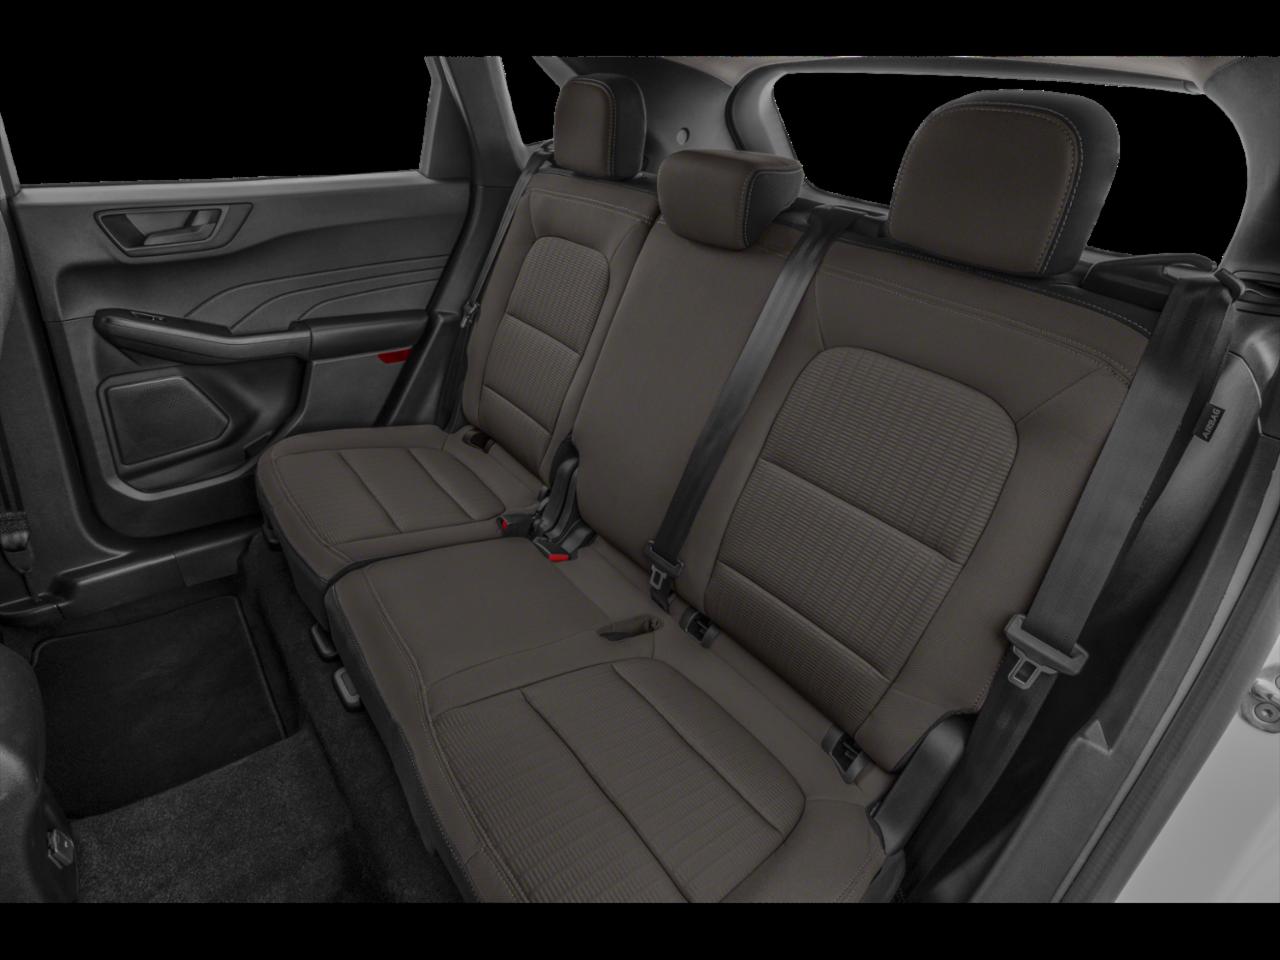 image-9 2020 Ford ESCAPE